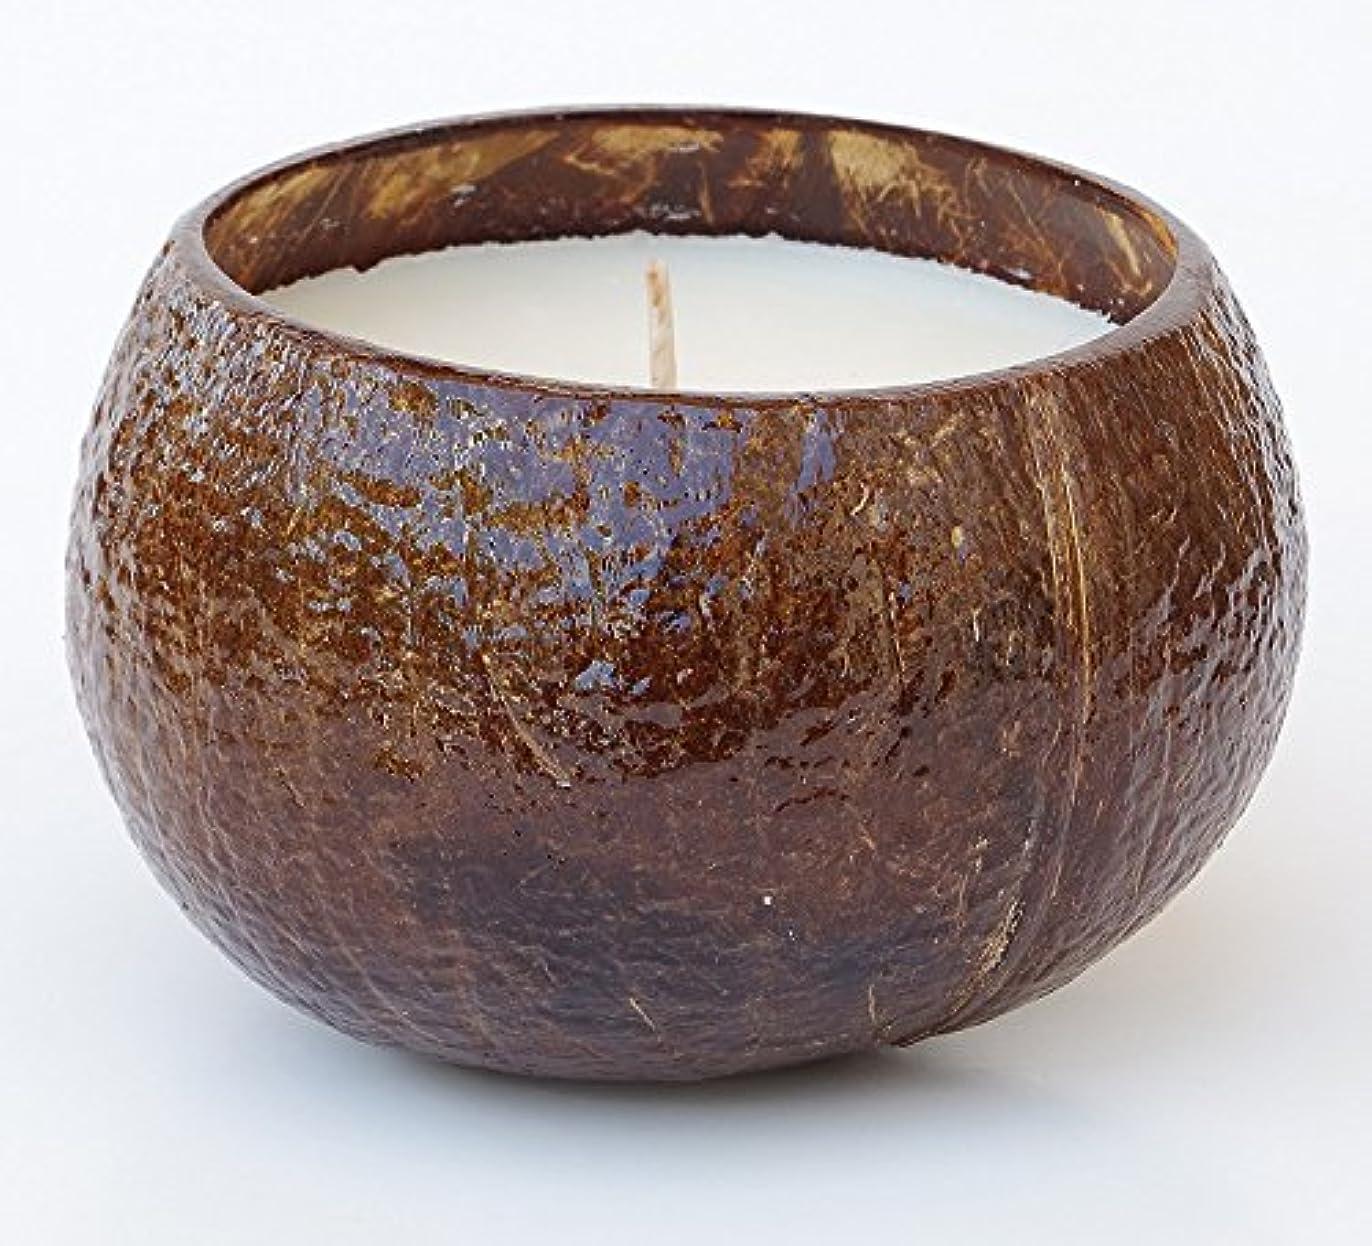 違反インストラクター社会主義ハワイアンCandle & Bath – プルメリア香りつきSoy Candle in Realココナッツシェル、16オンス、ハンド、Made in USA